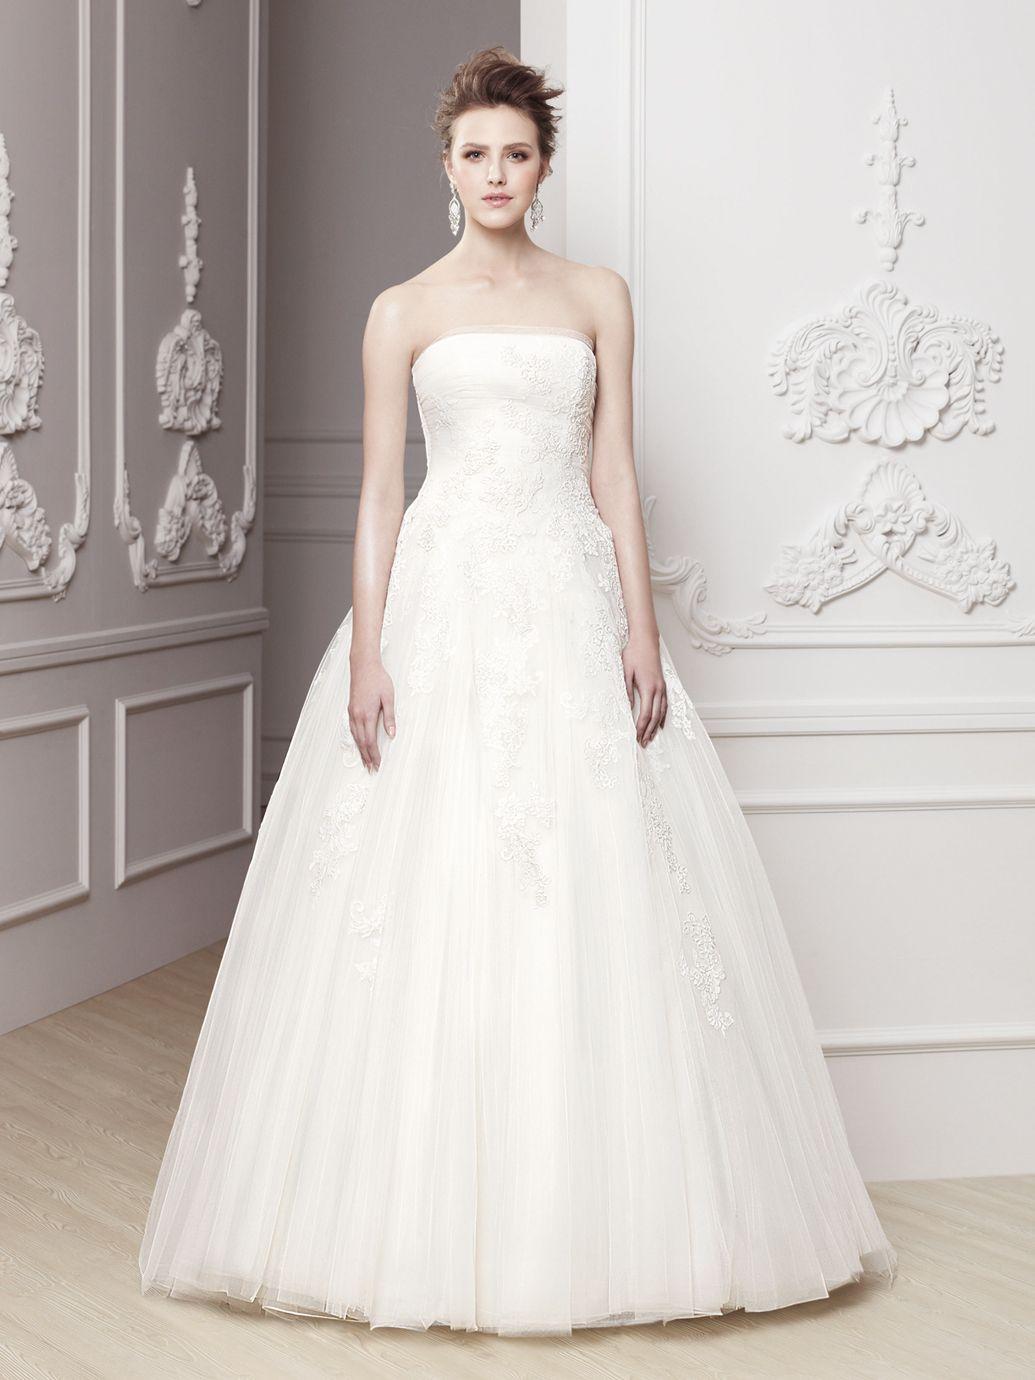 Pin By Jenny On Vestido Novia Wedding Dress Hire Wedding Dresses Wedding Dresses Uk